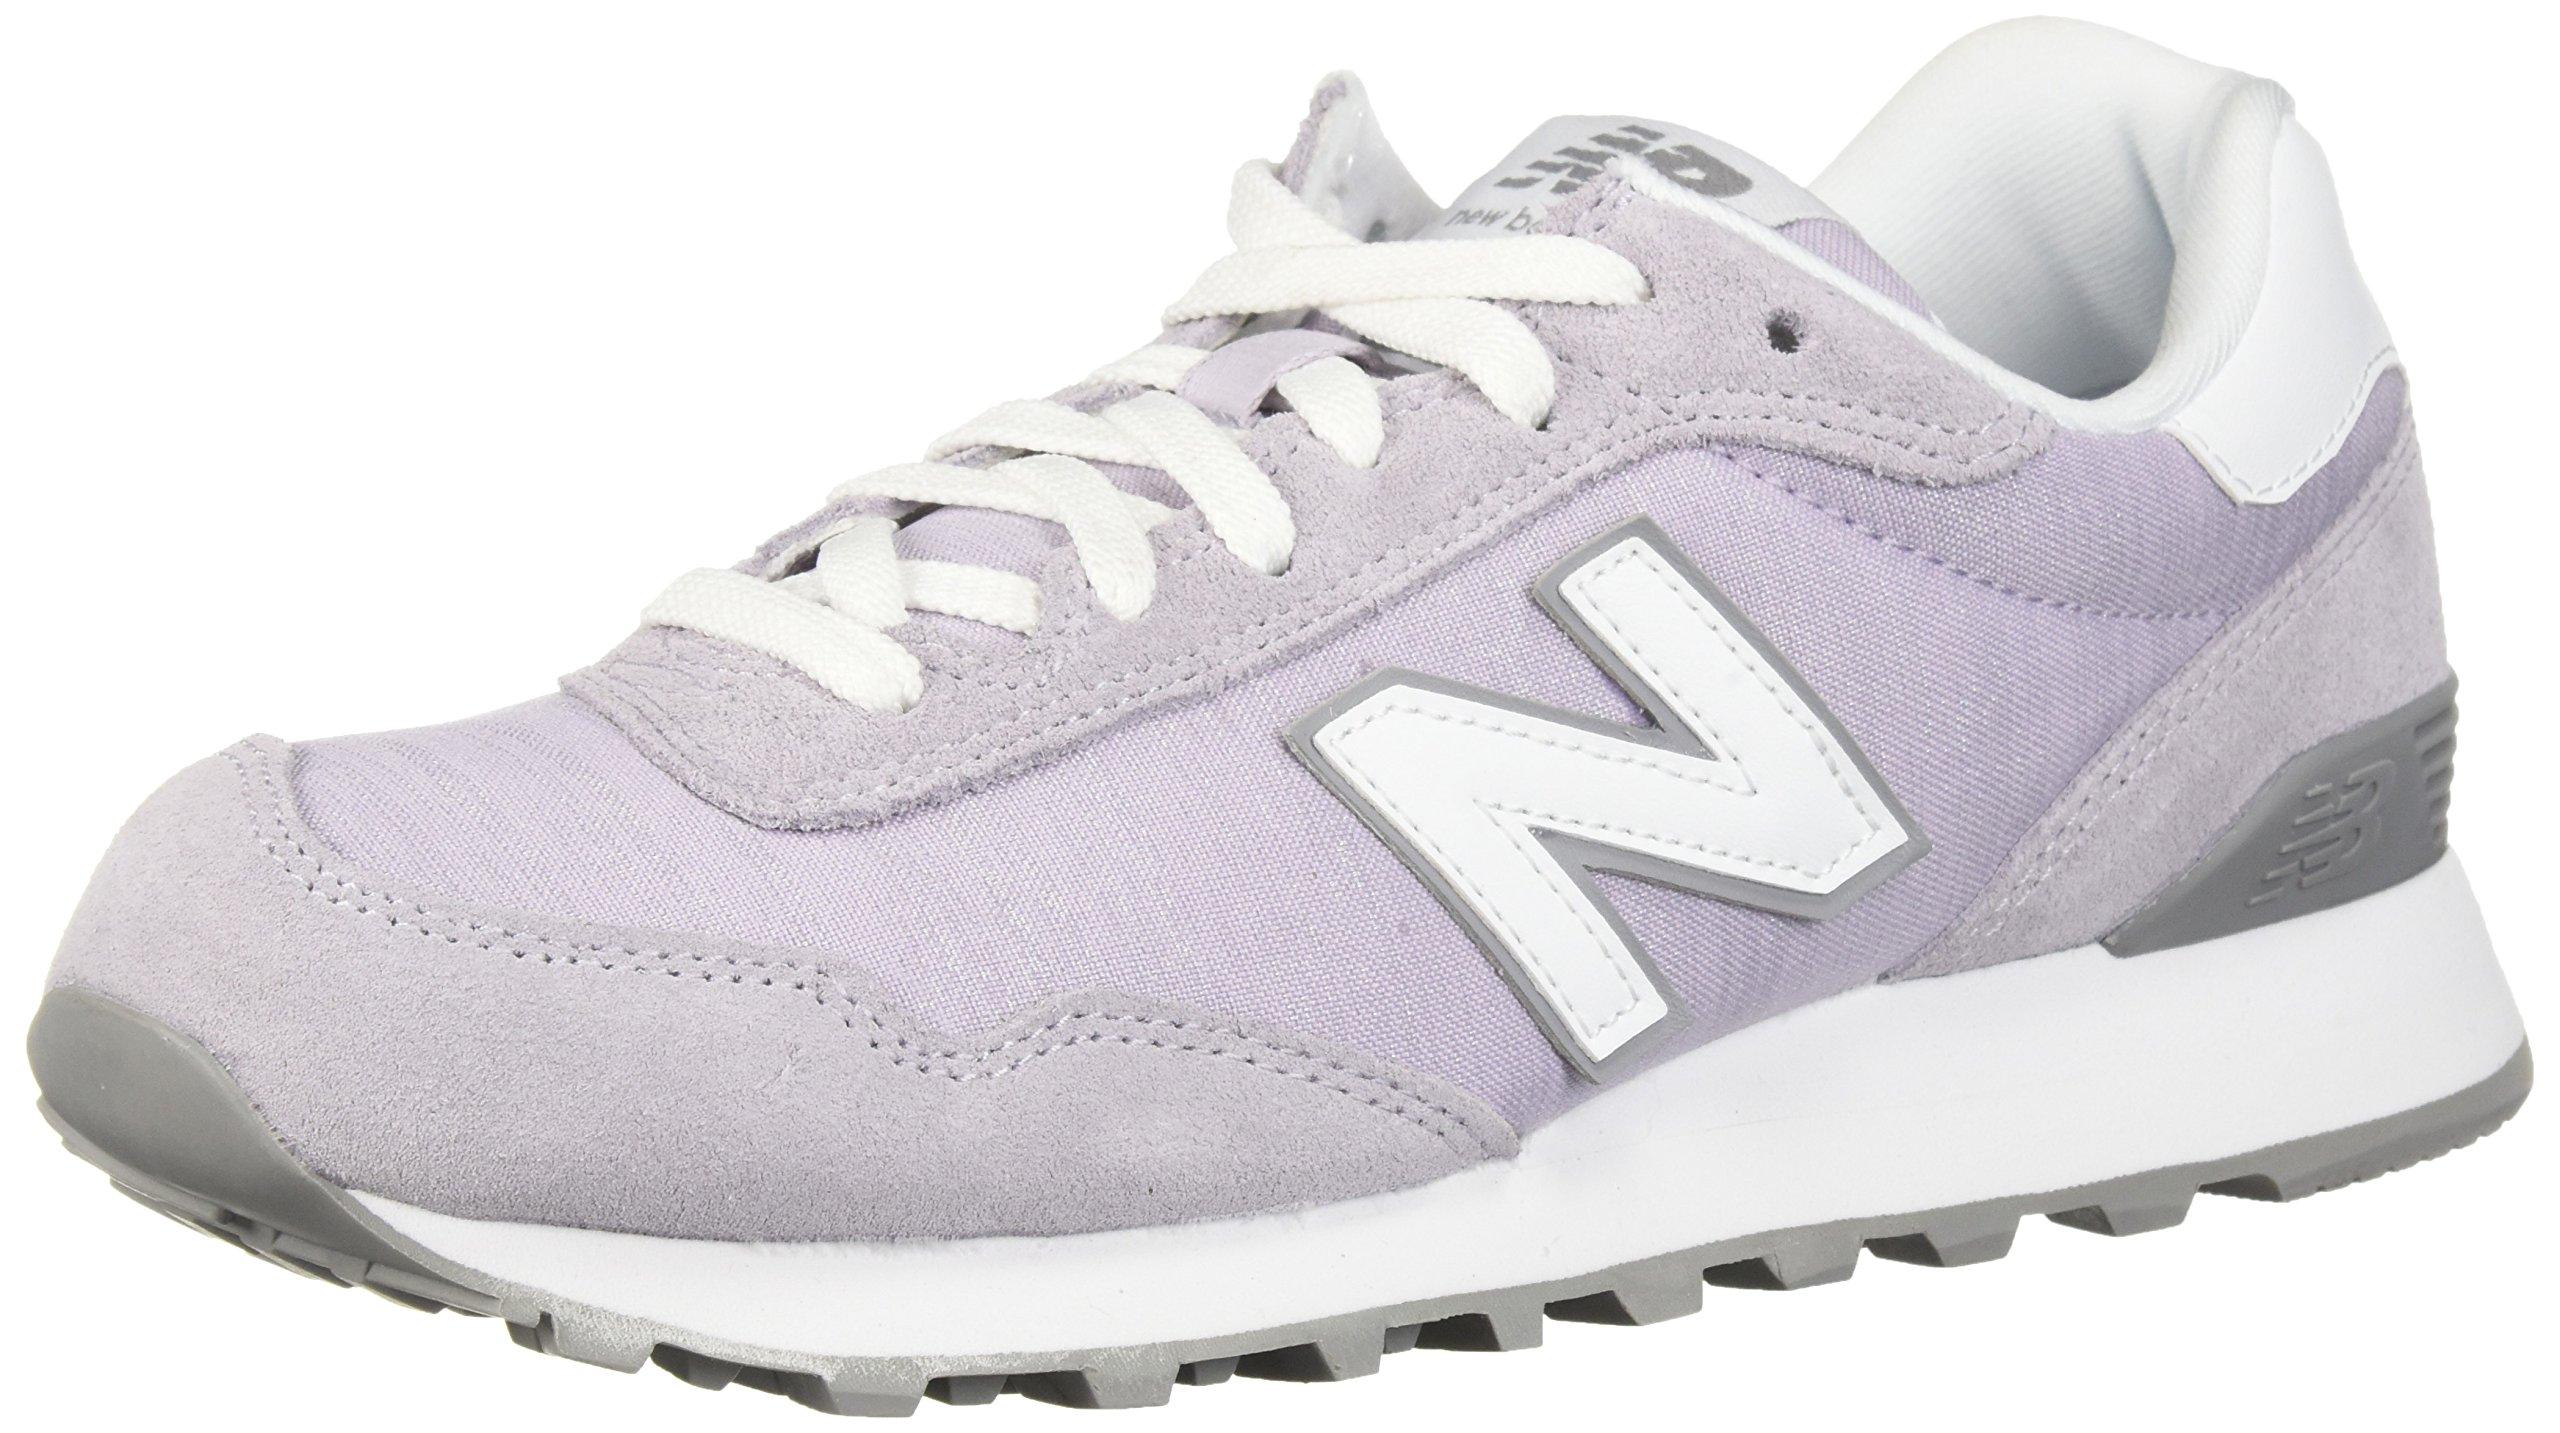 New Balance Women's 515V1 Sneaker,Thistle/Steel,10 B US